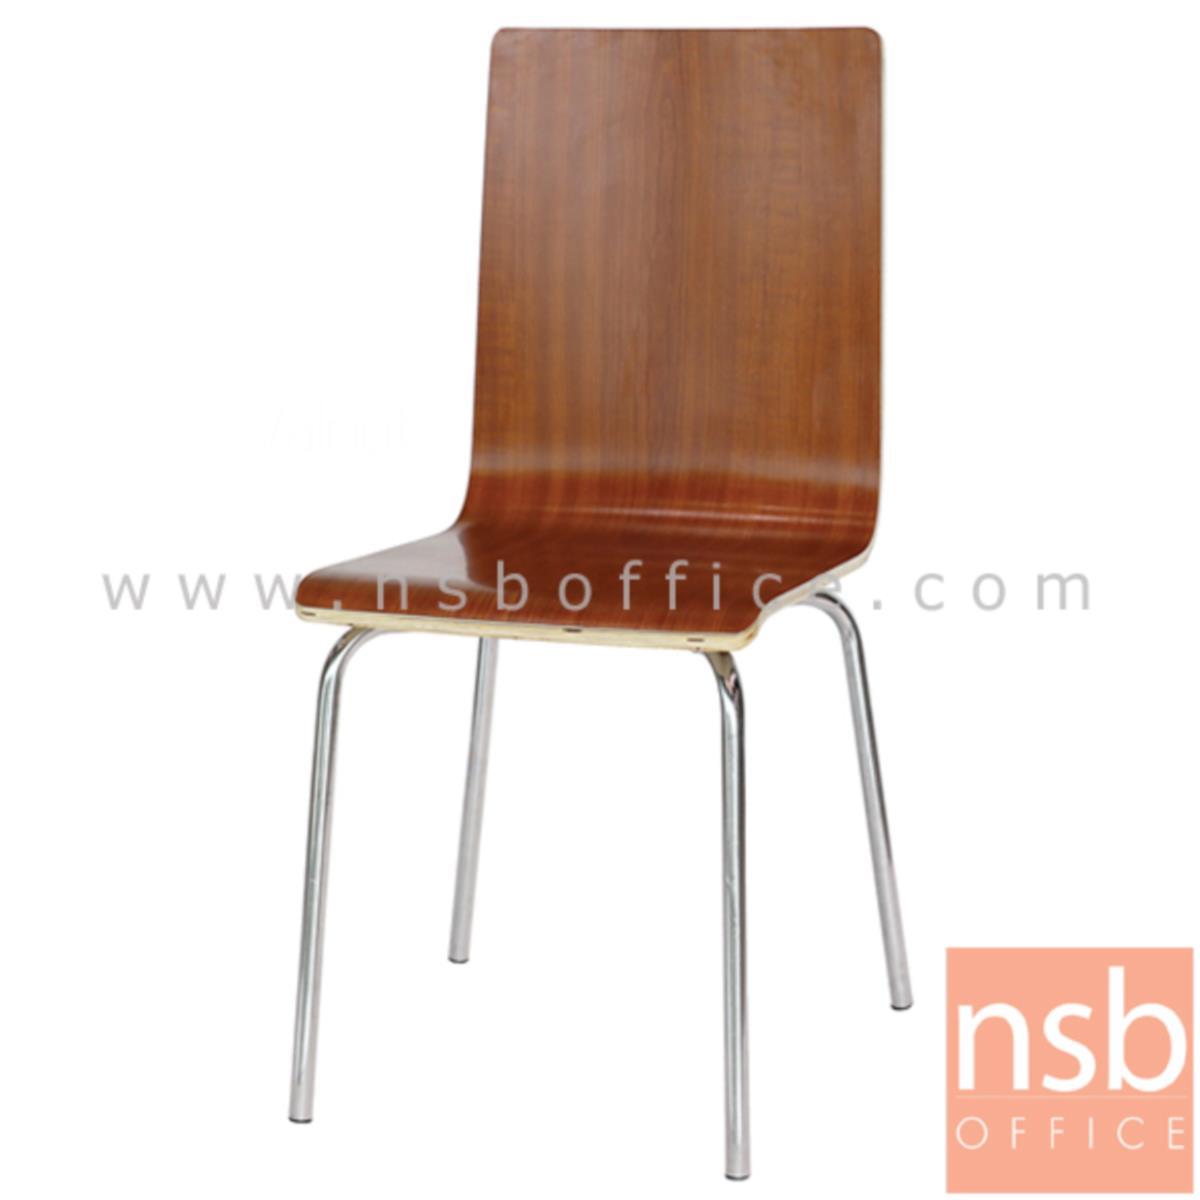 B20A068:เก้าอี้อเนกประสงค์ไม้ดัด รุ่น Fallon (แฟลลอน)  ขาเหล็กชุบโครเมี่ยม